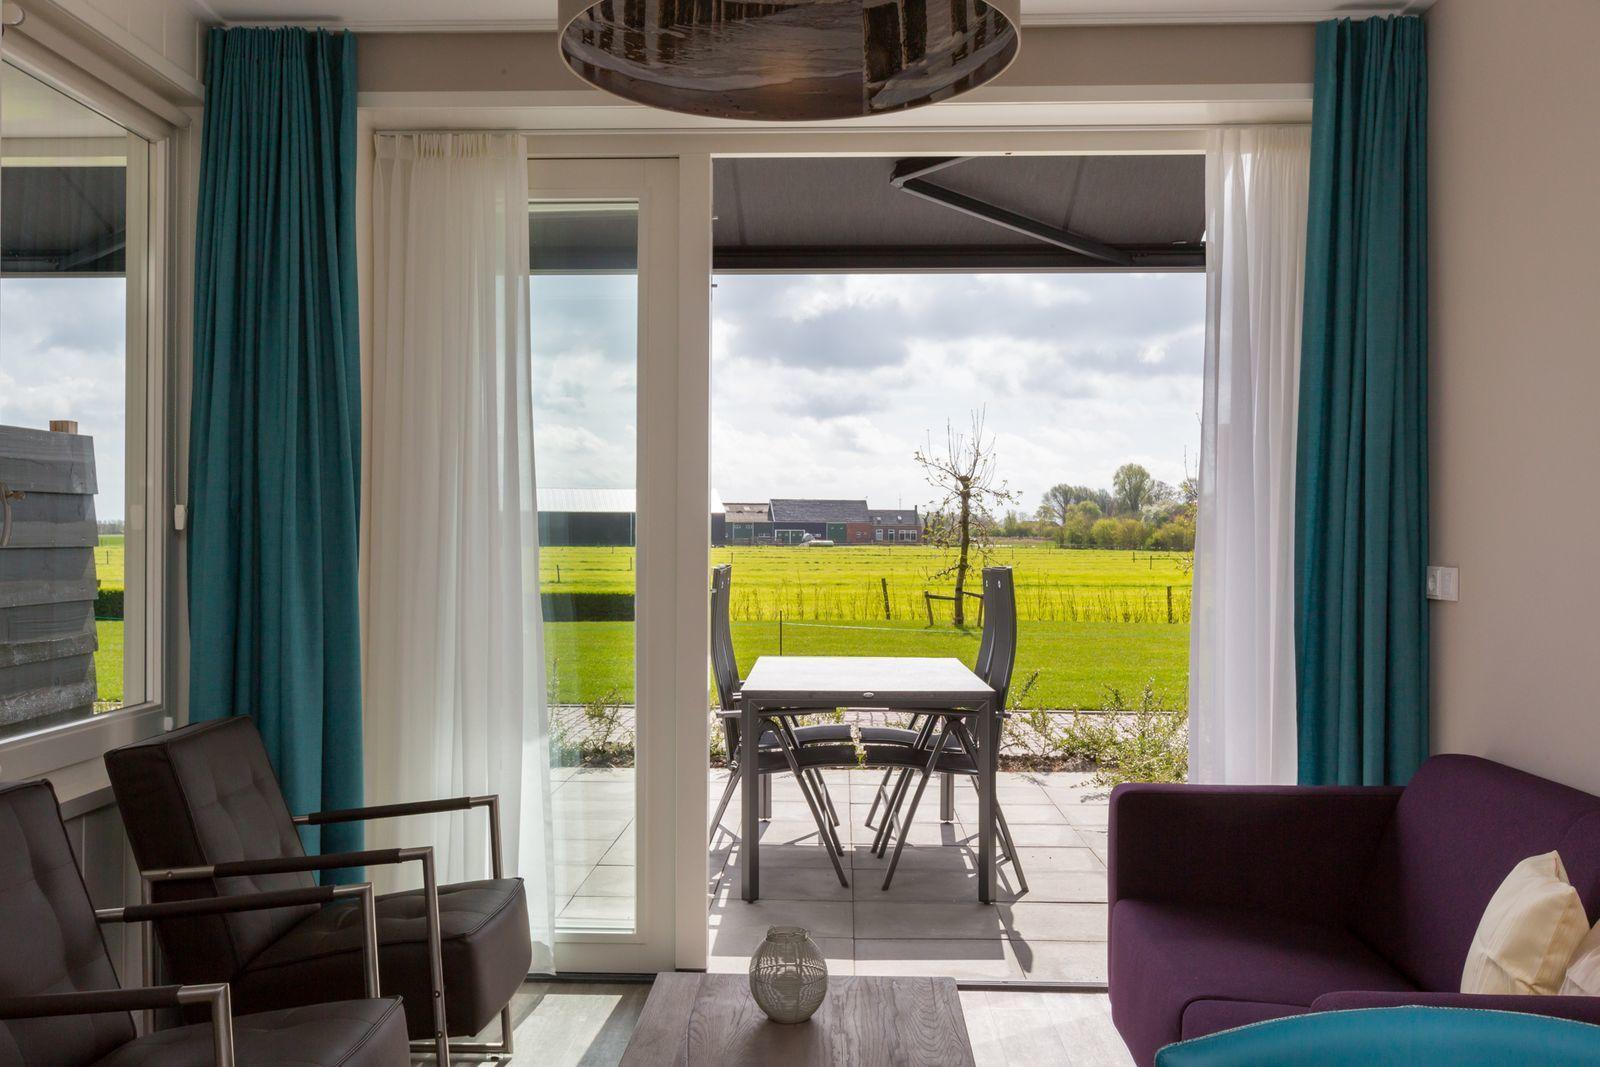 Ferienhaus für 4 Personen ca 60 m² in Oostkapelle Zeeland Küste von Zeeland